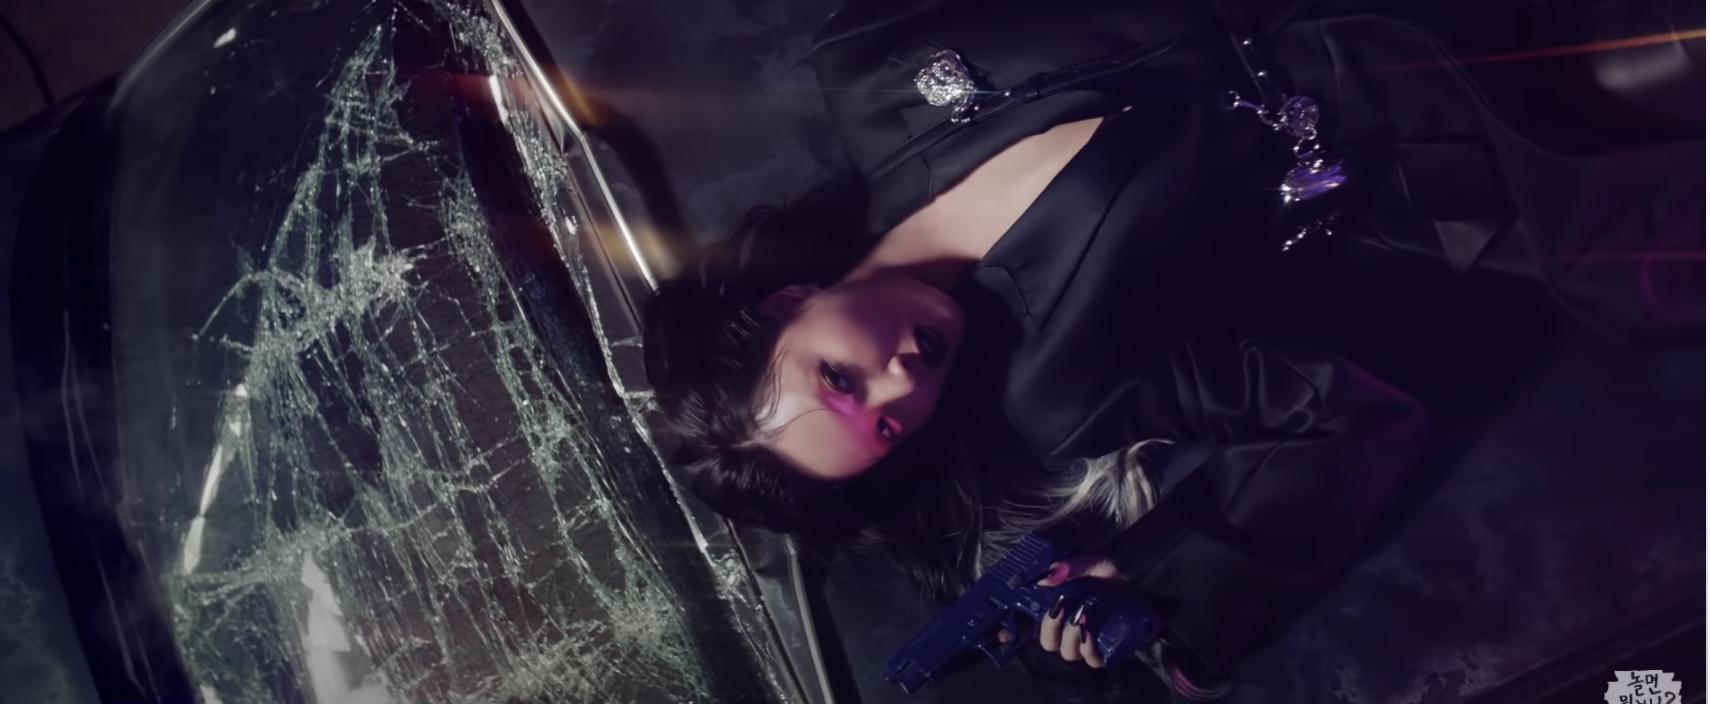 'Chất chơi' nhóm nhạc mới của Lee Hyori - Hwasa, quảng bá xong xuôi, phá đảo mọi BXH mới tung MV 6